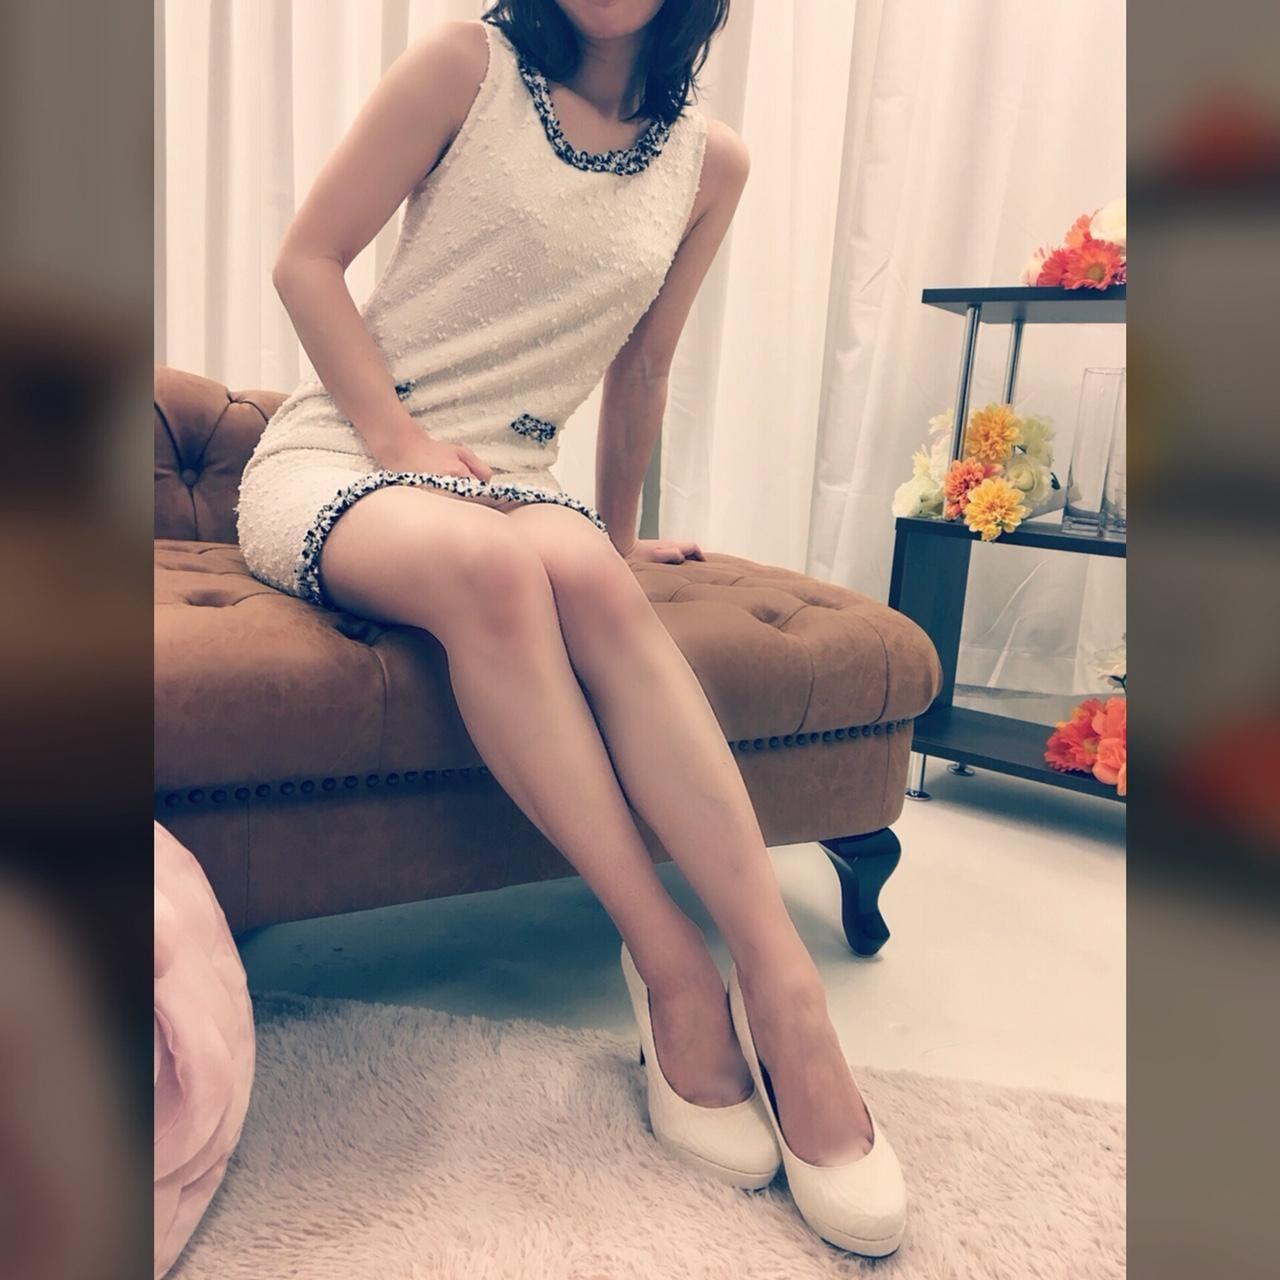 「こんばんわ☆」01/03(01/03) 23:48 | みかの写メ・風俗動画